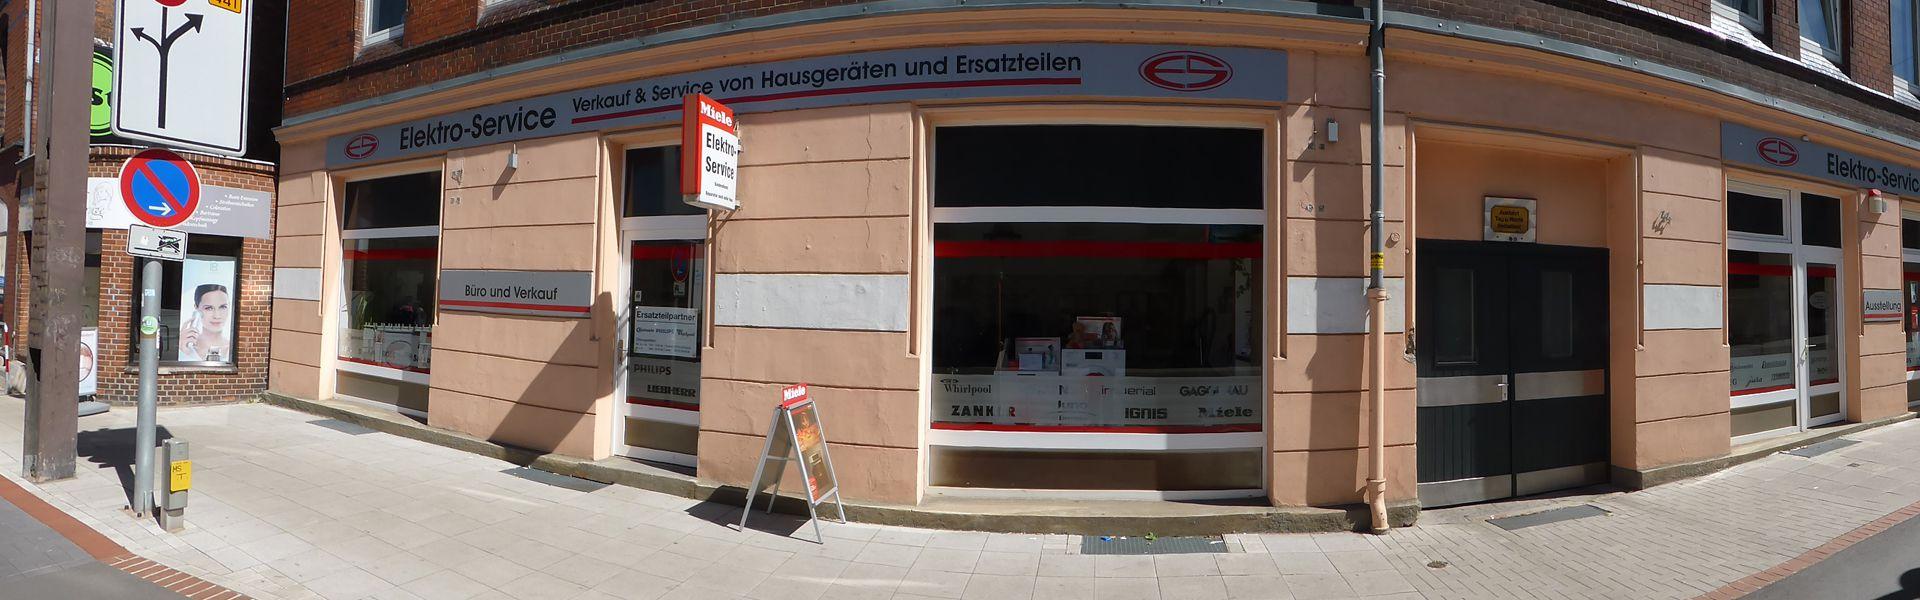 Elektro Service Kundendienst Ersatzteile Hannover Hildesheim